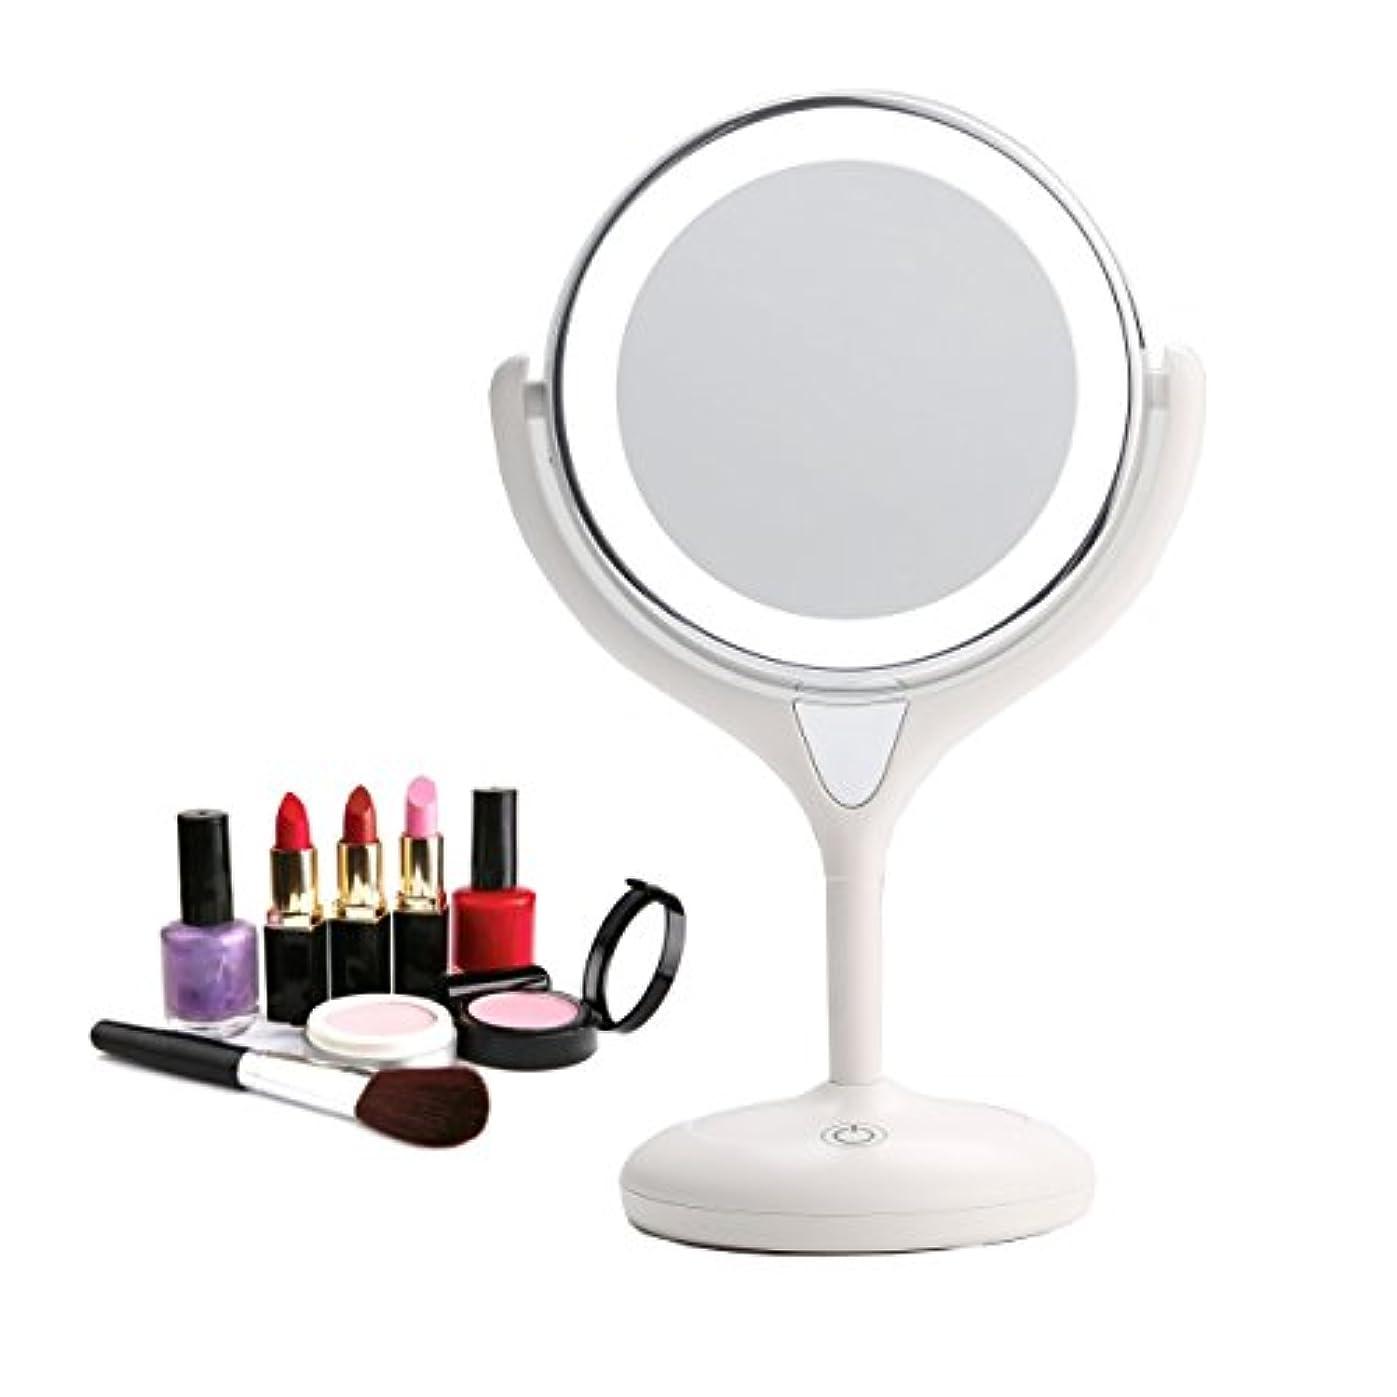 のスコア愚かサスペンションBestaid-スタンドミラー シンプルデザイン 真実の両面鏡DX 10倍拡大鏡 360度回転 卓上鏡 メイク 化粧道具 14 * 11.5 * 28.5cm